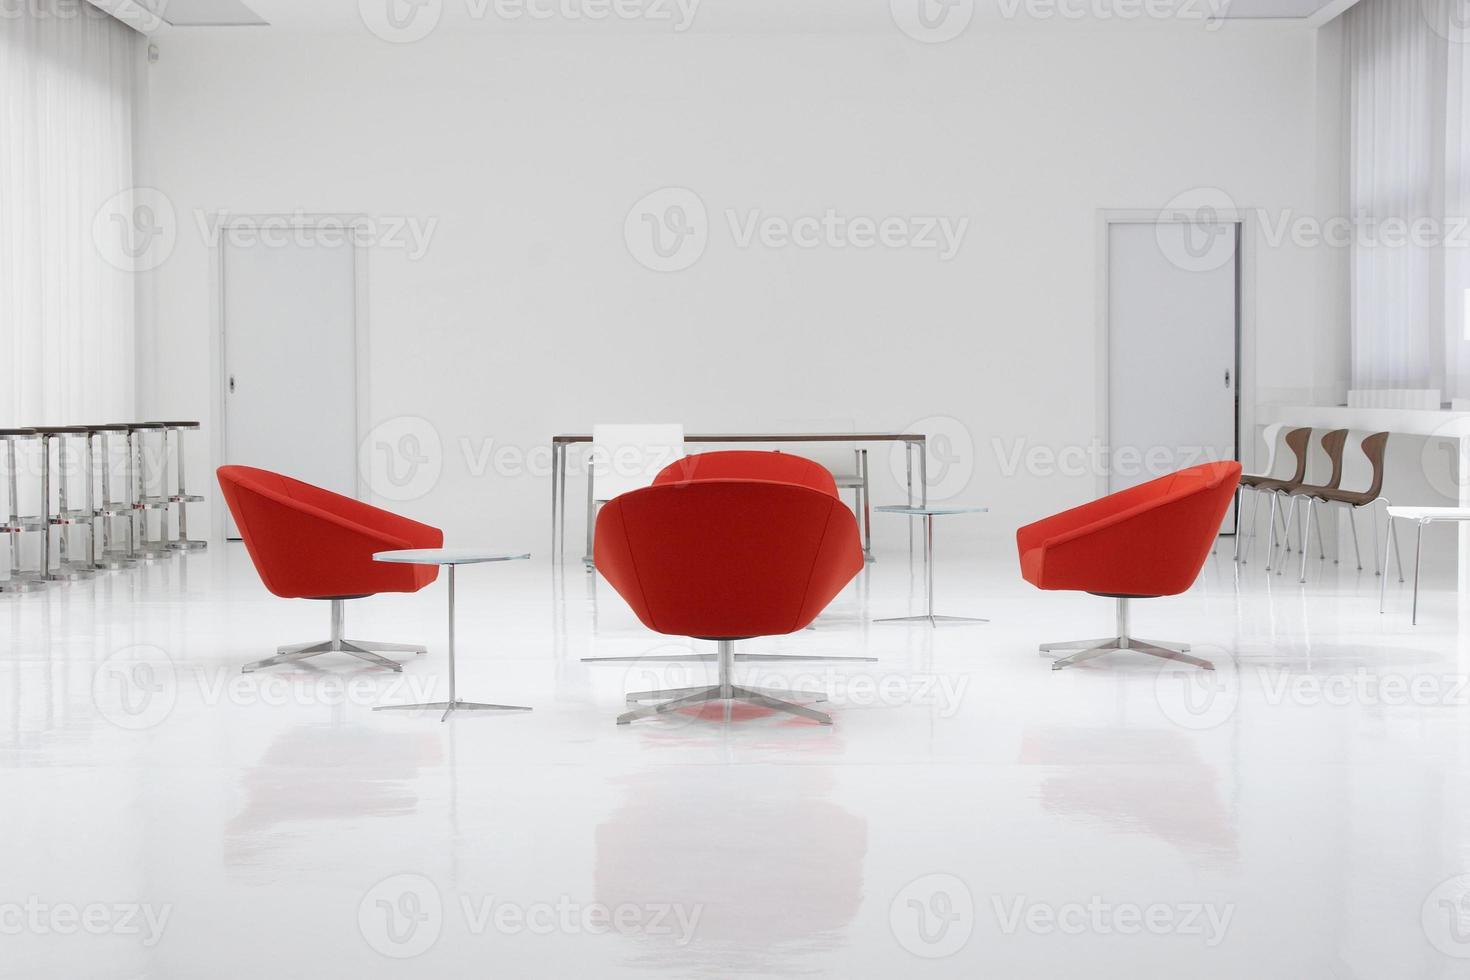 un loft moderno con sillas rojas y paredes blancas foto